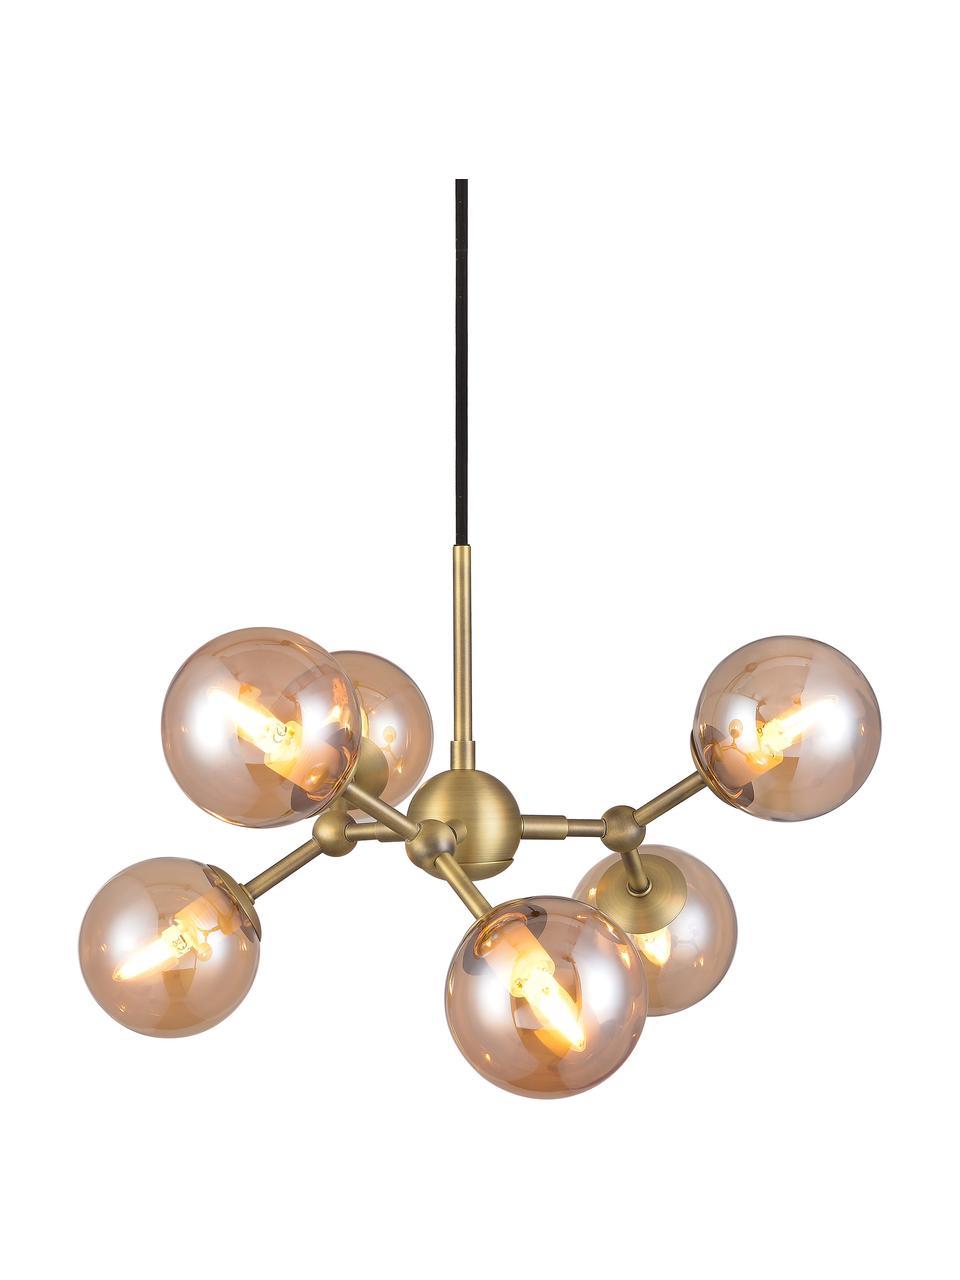 Lampa wisząca ze szkła Atom, Odcienie mosiądzu, odcienie bursztynowego, Ø 57 x W 28 cm